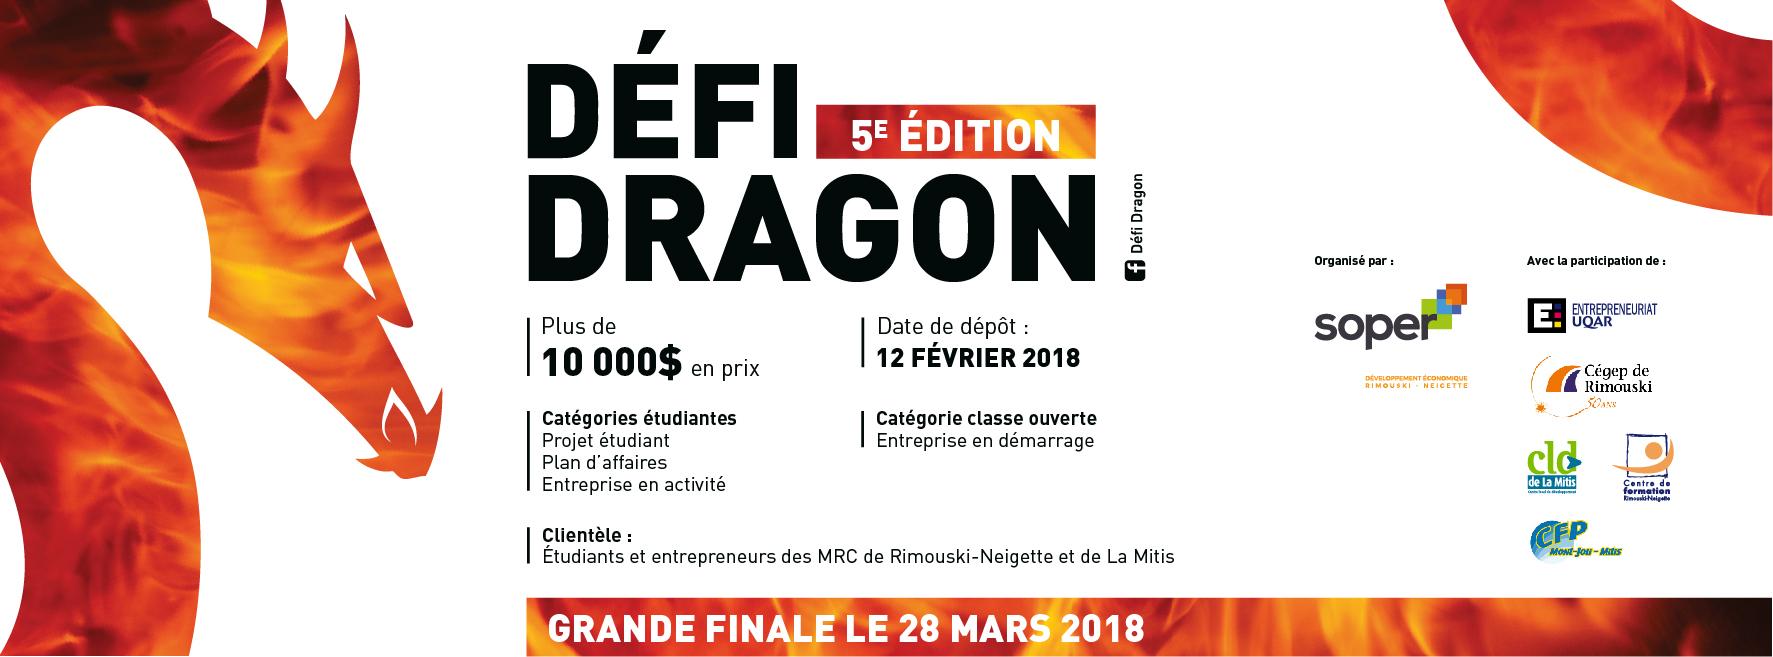 Défi Dragon - Facebook